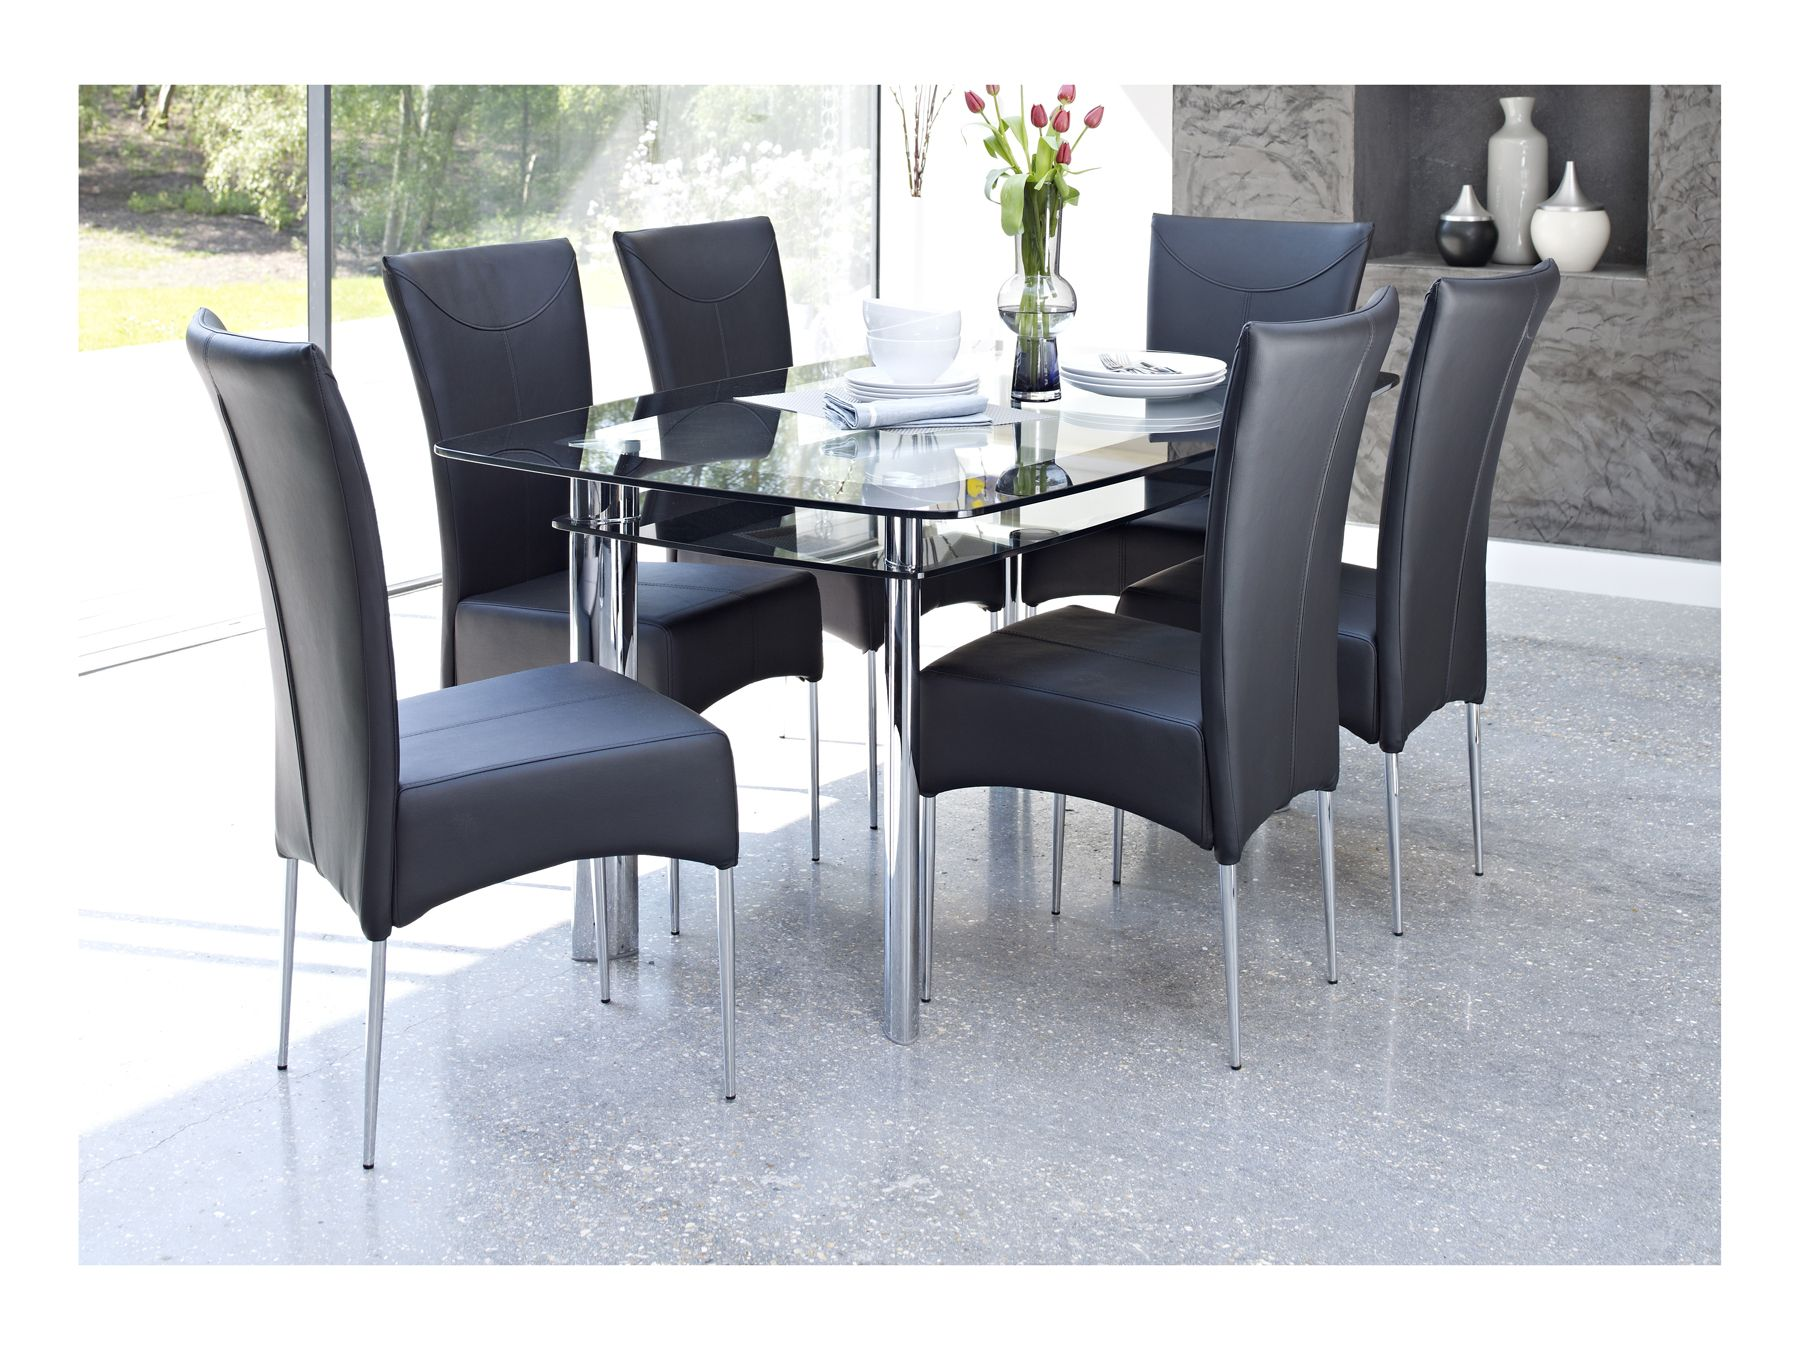 Harveys Black Glass Extending Dining Table